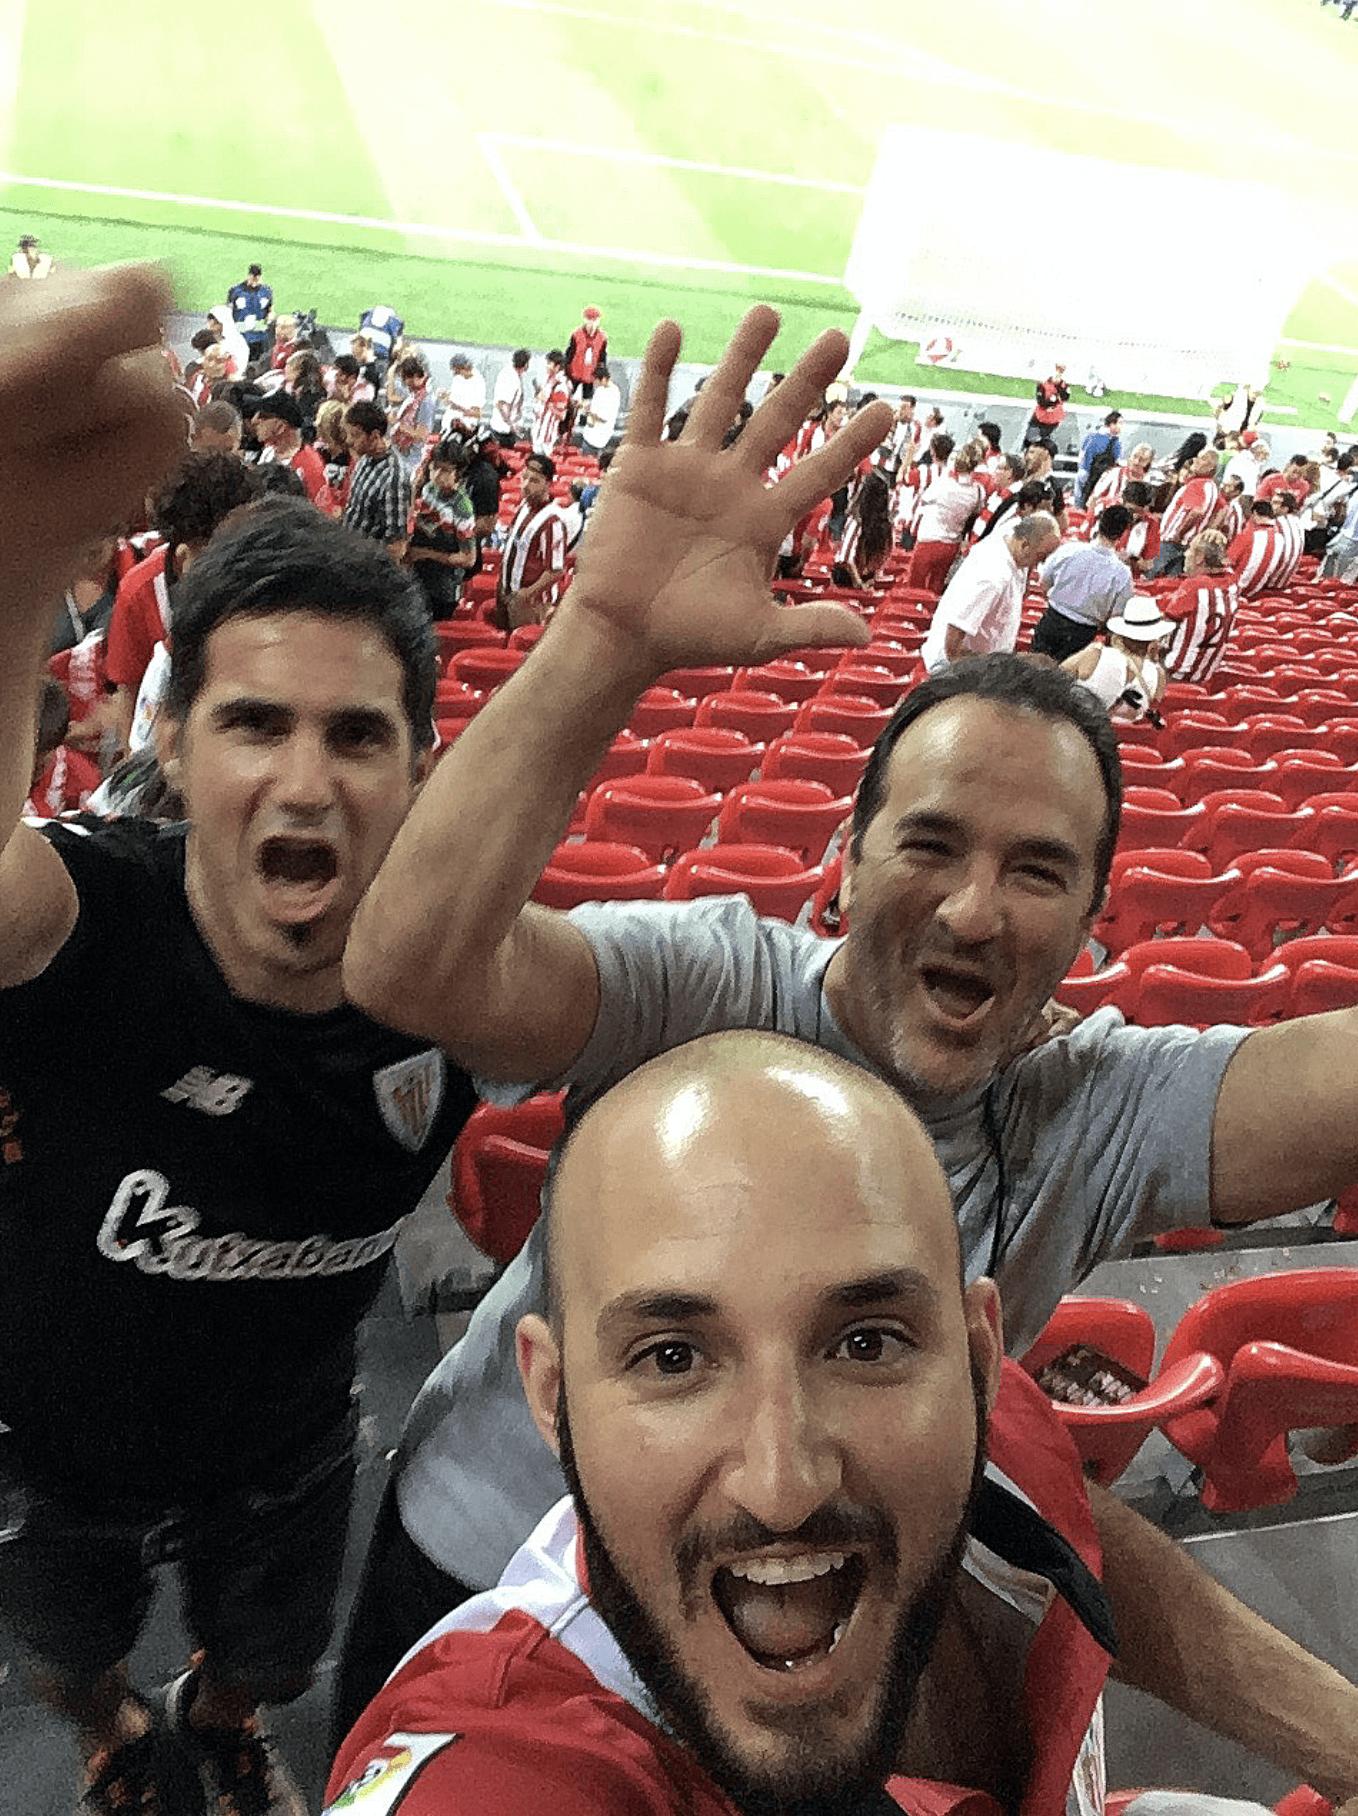 ryan gomez at soccer game